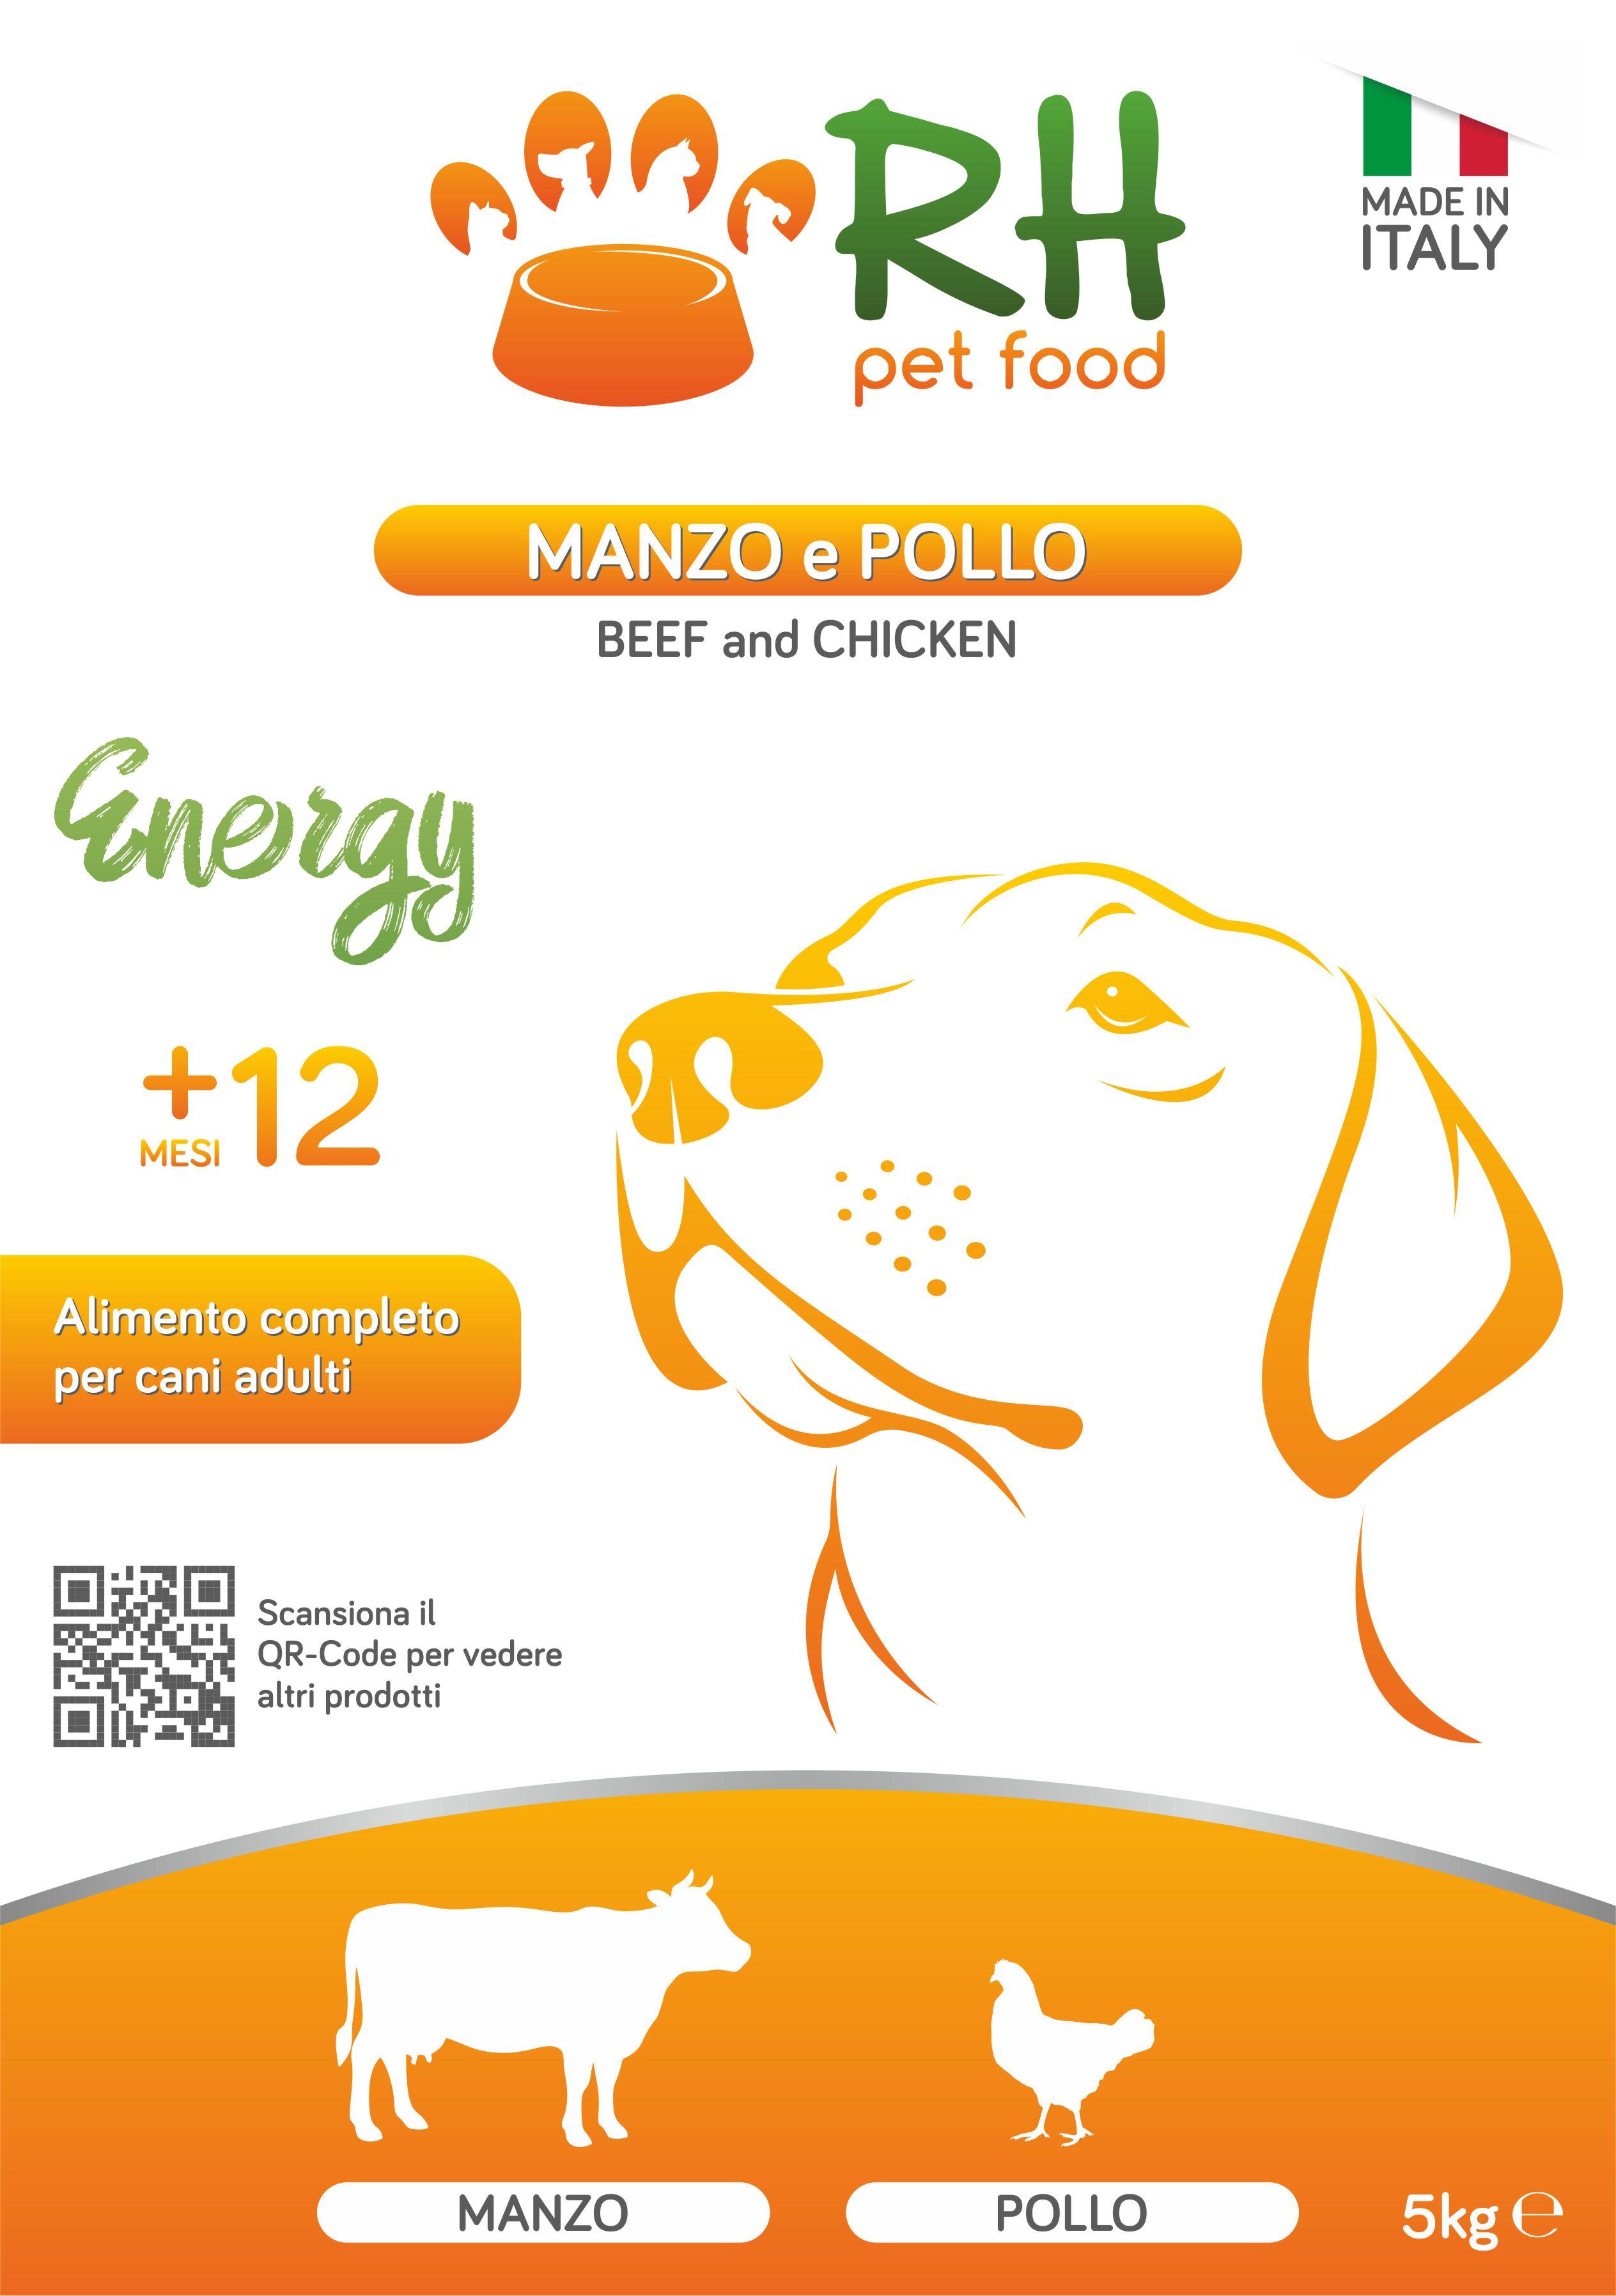 Manzo e pollo ENERGY